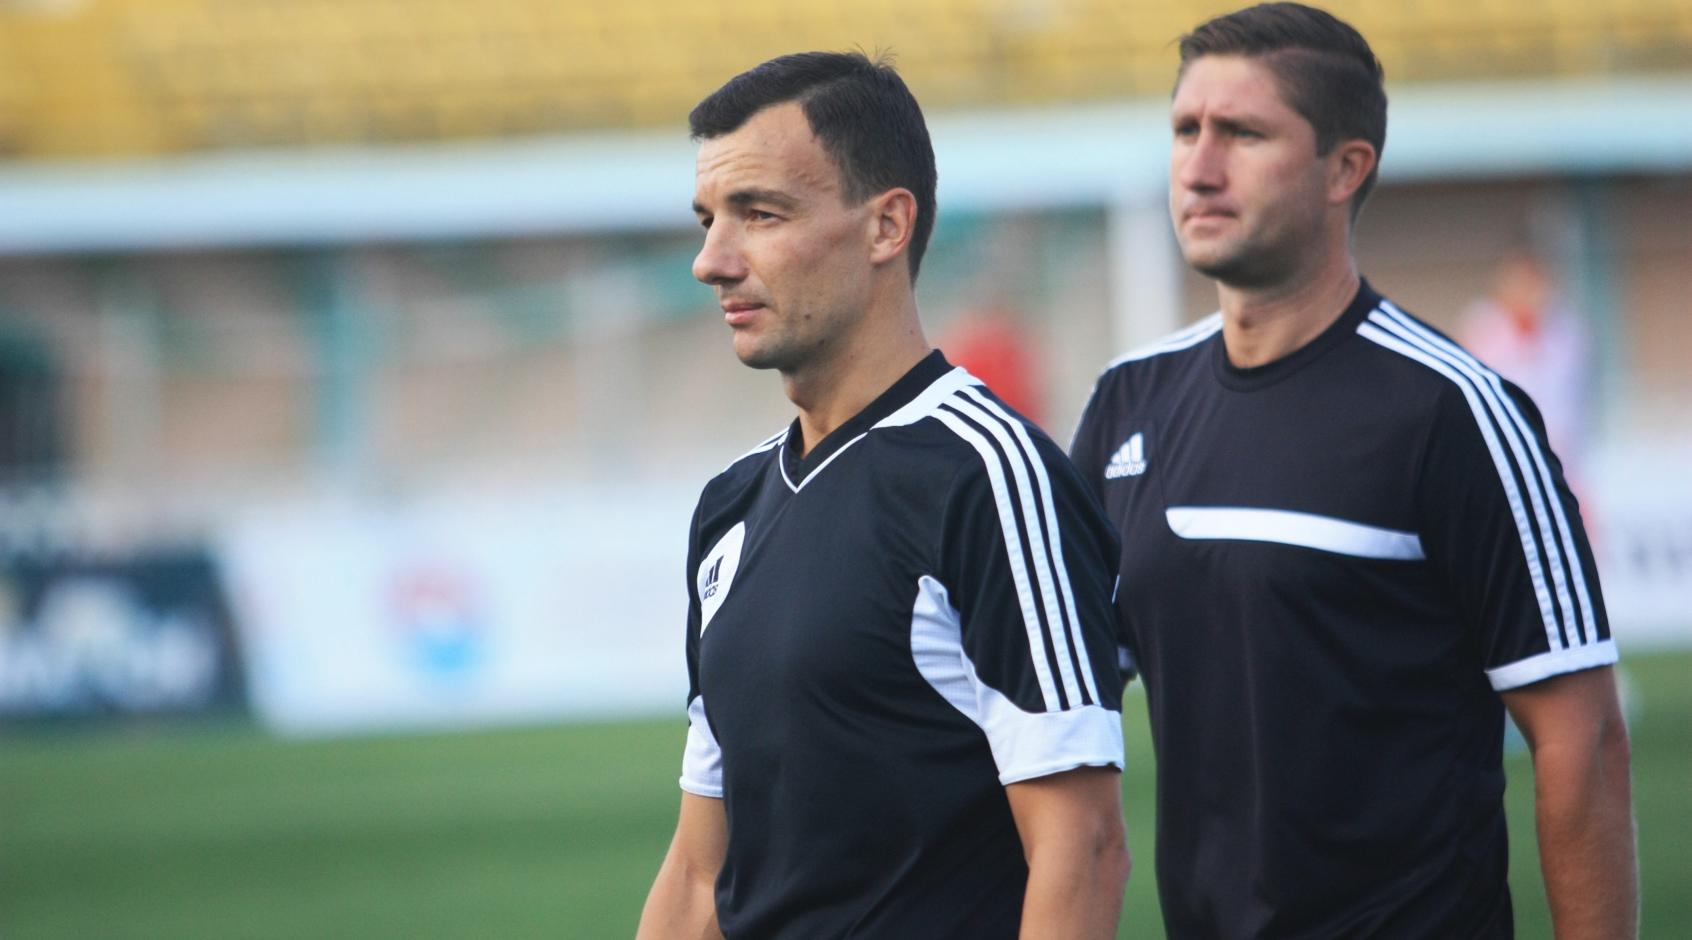 """Арбітри Арановський і Бойко працюватимуть експертами на ТК """"Футбол"""" під час Євро-2020"""